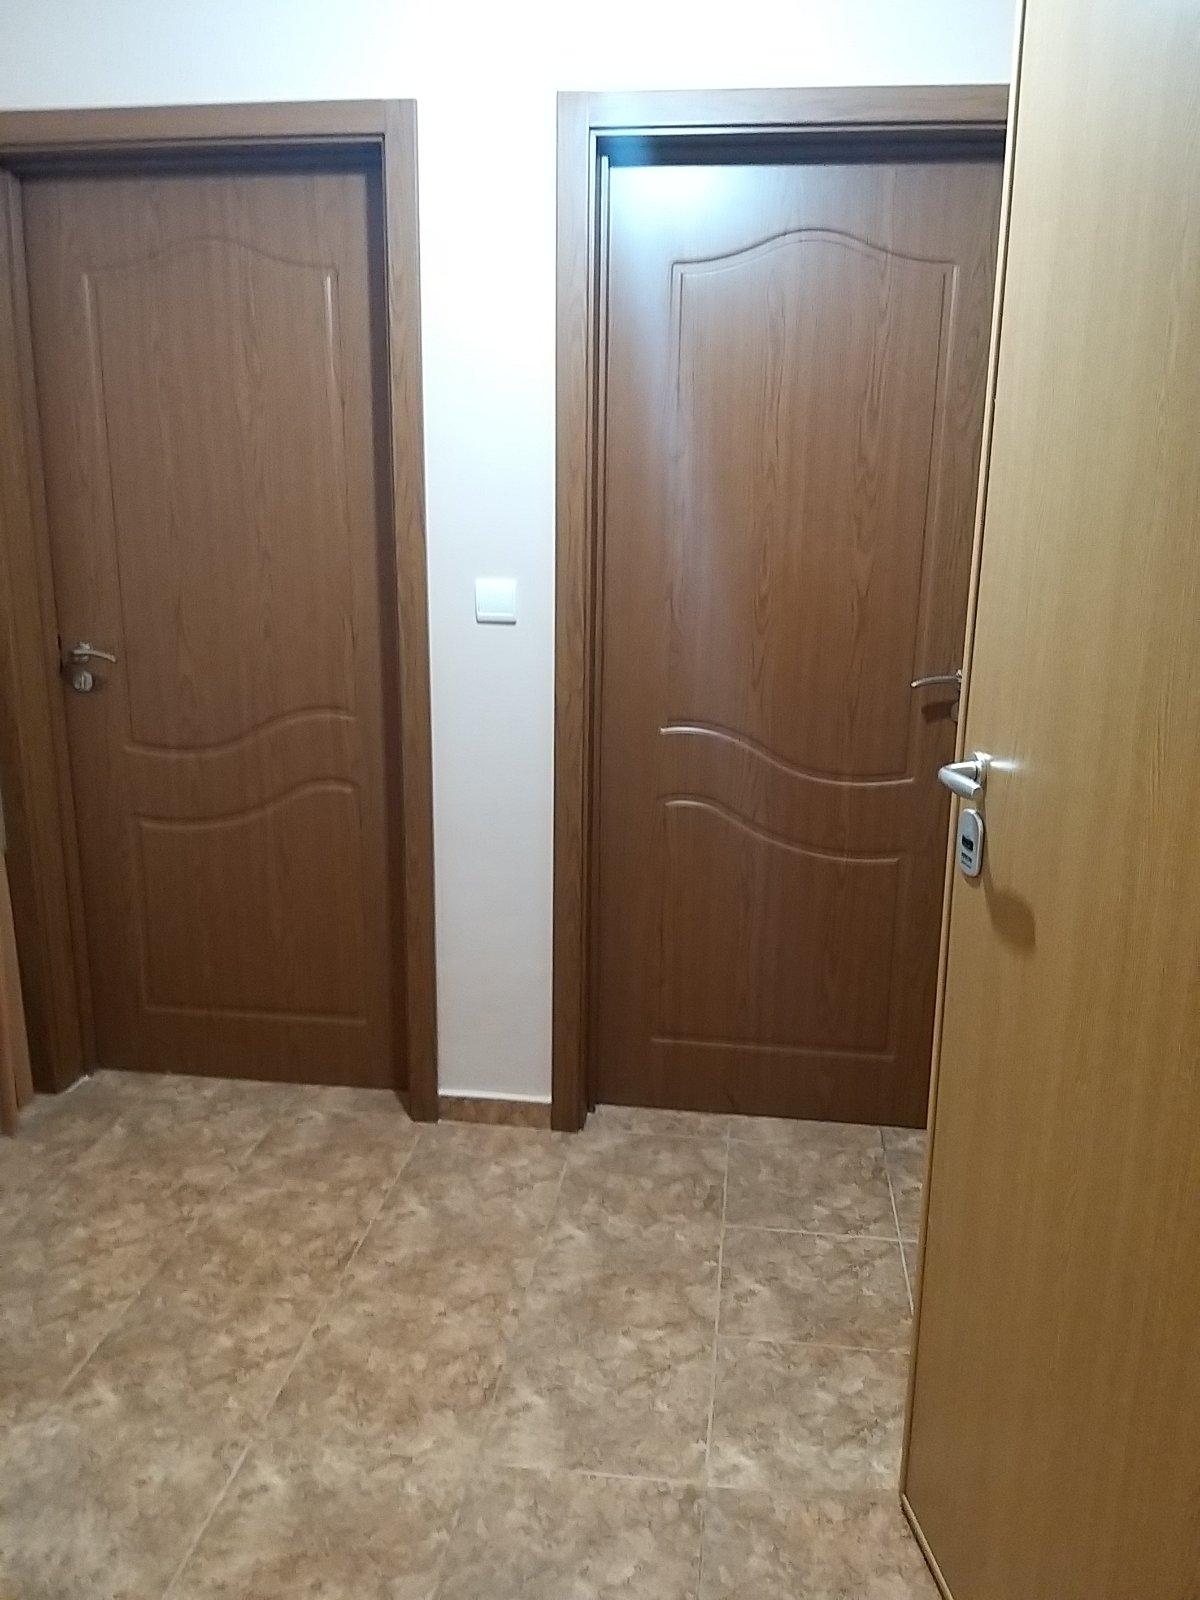 Ситибул Дава под наем двустаен в София, Люлин 8